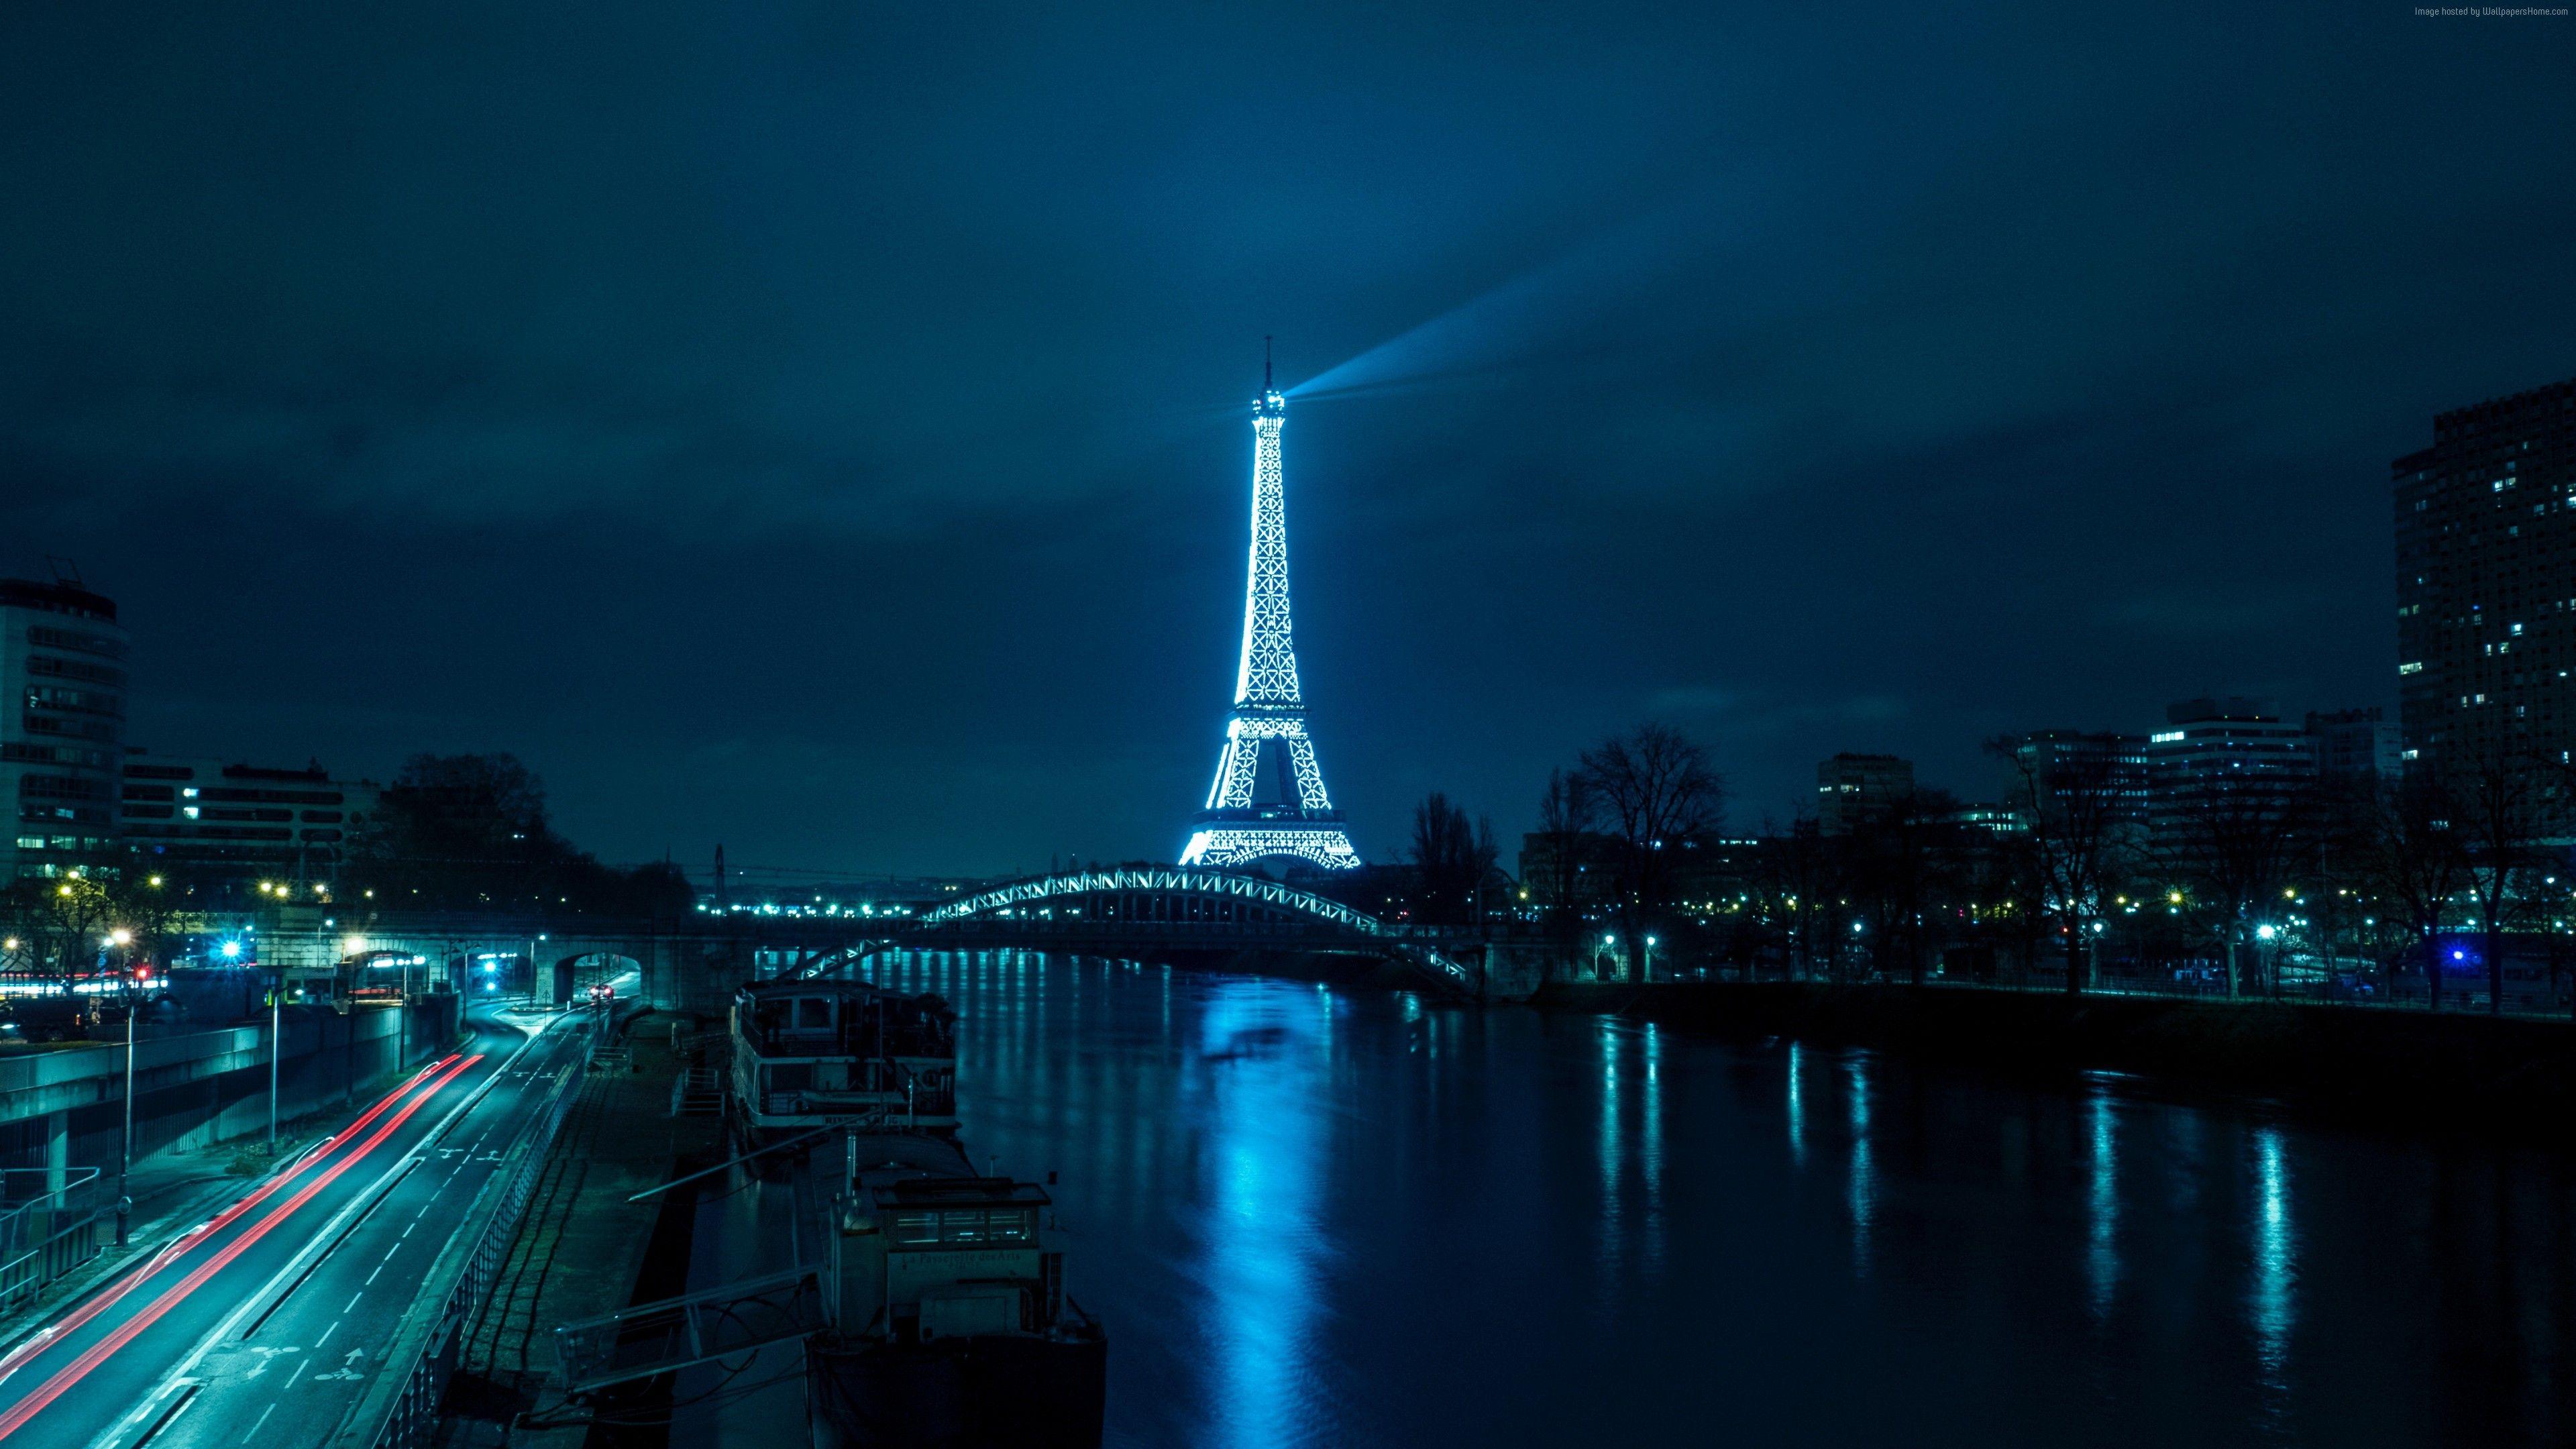 Wallpaper Eiffel Tower France Paris 4k 5k Architecture